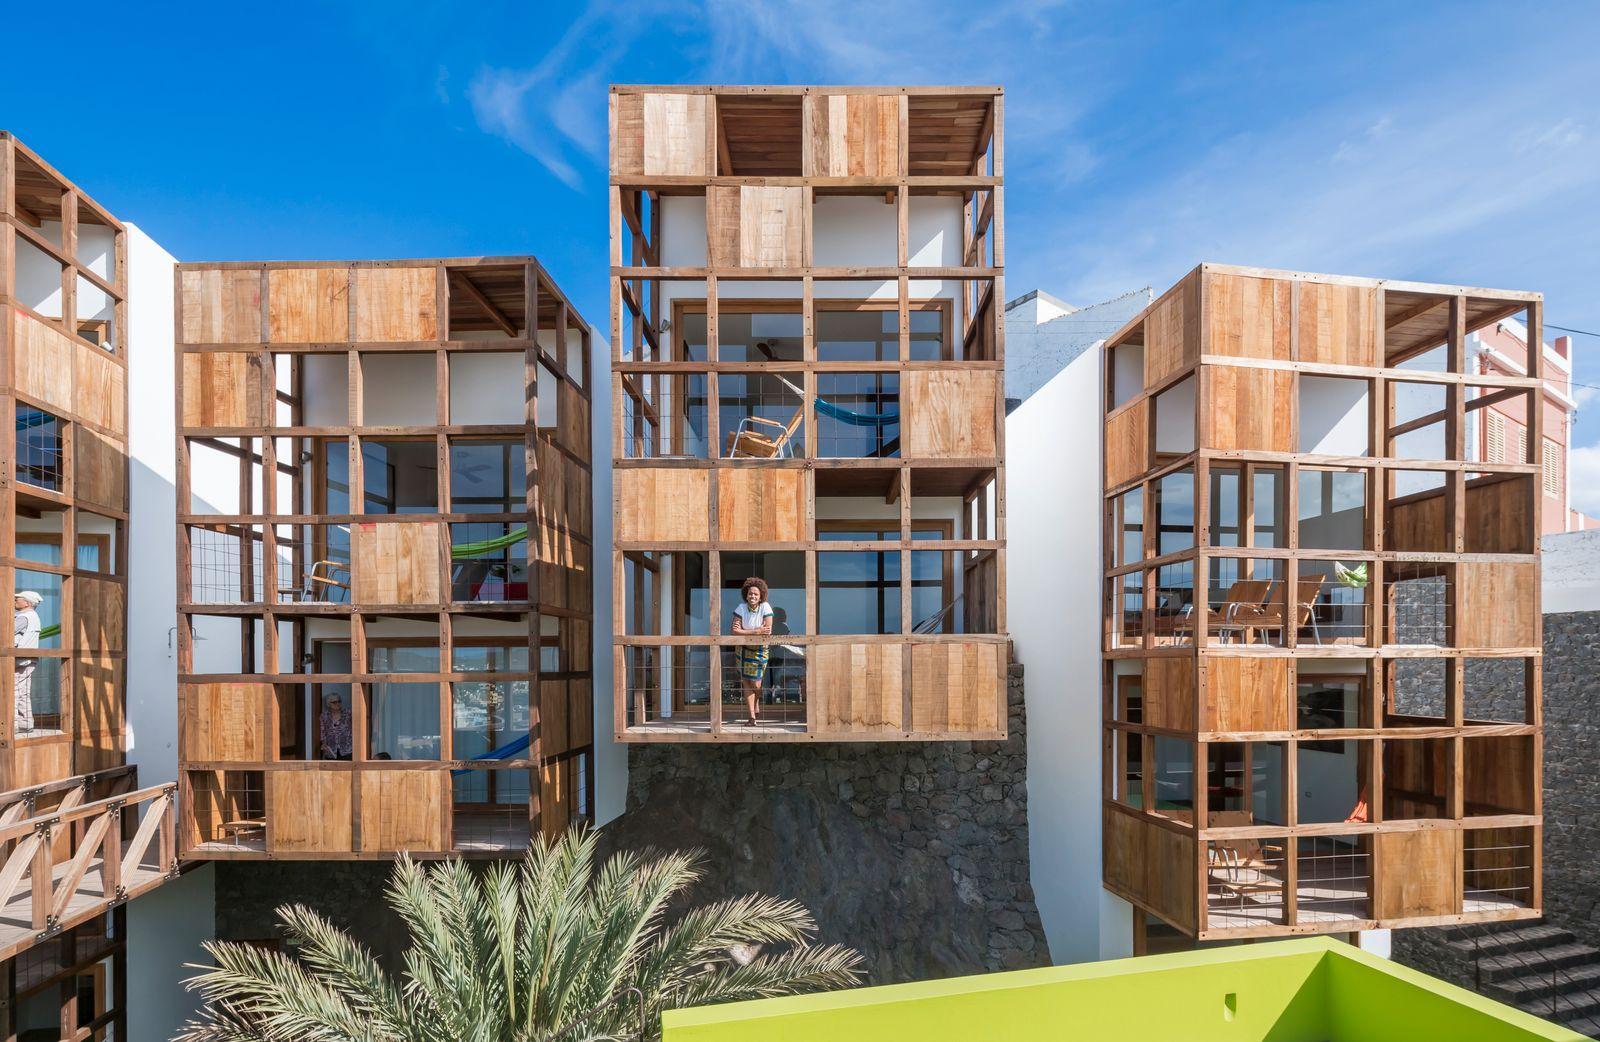 Beyond The West / Architektur